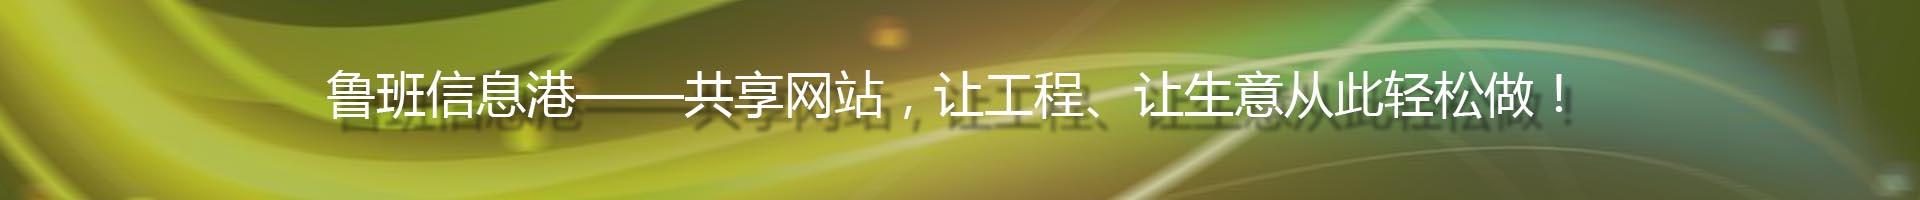 鲁班信息港——共享网站,让工程、让生意从此轻松做!